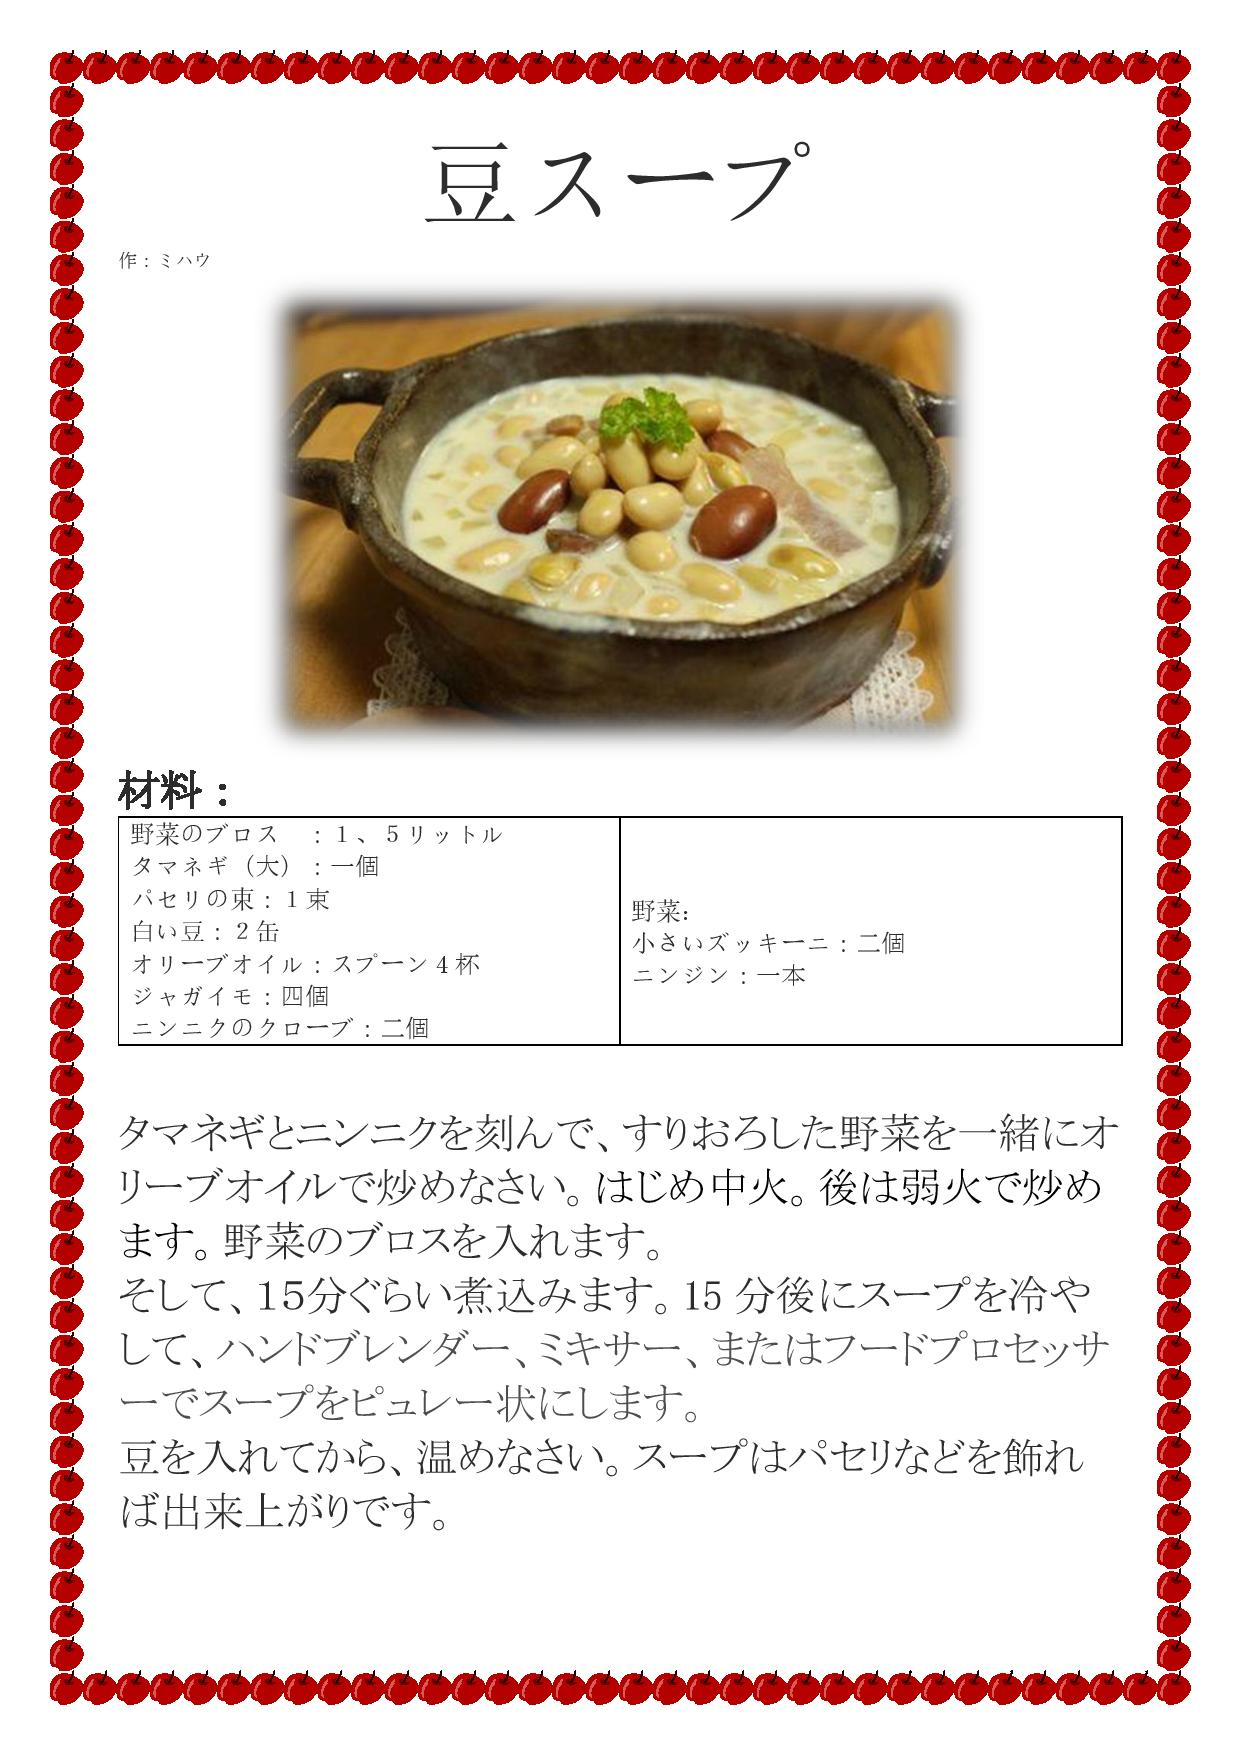 豆のスープ(ビーンスープ)-page-001